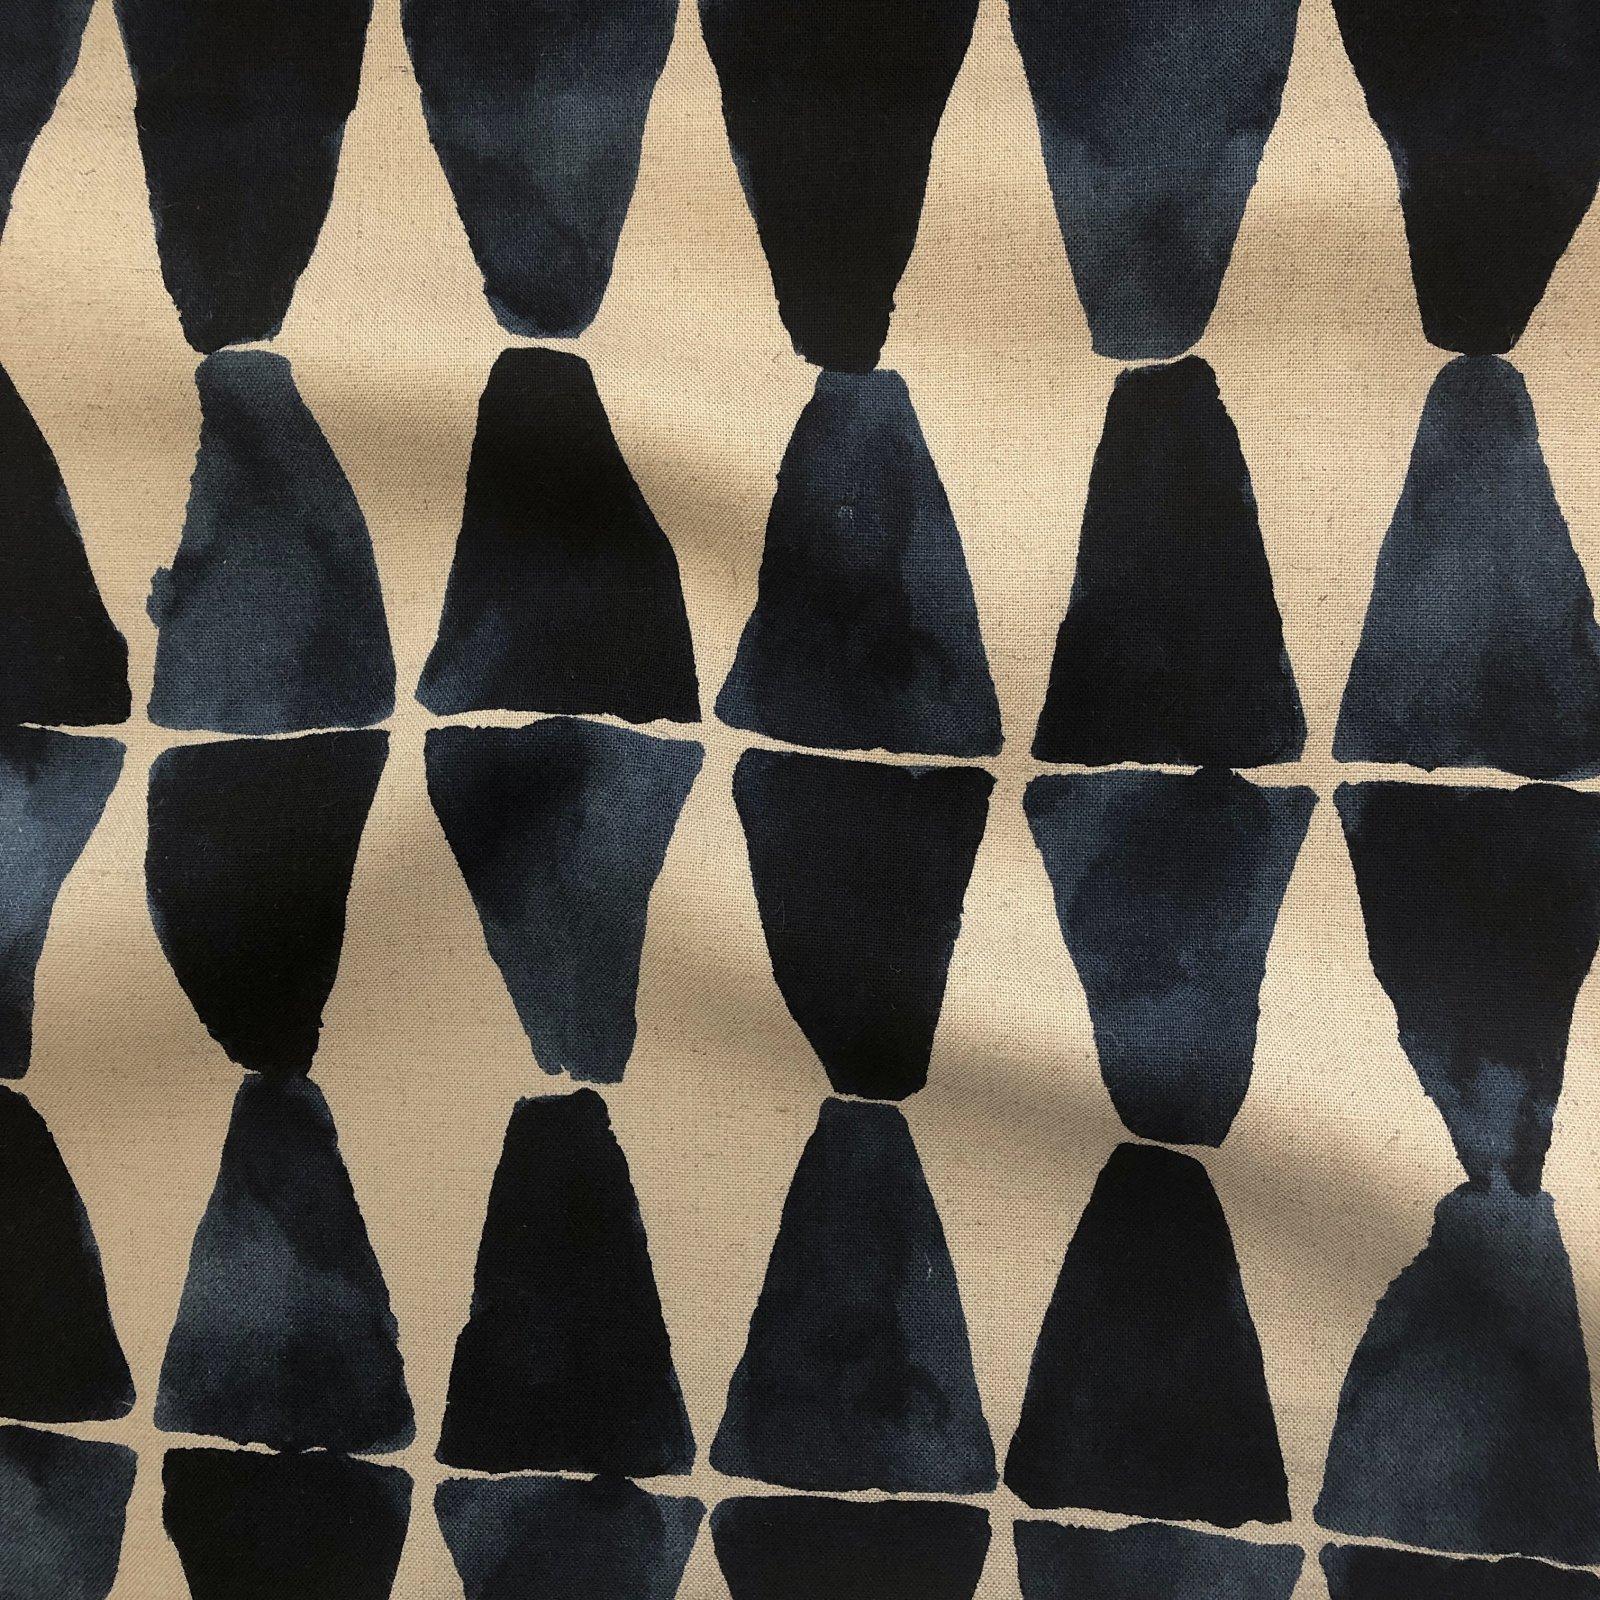 Kokka - Rayon/Linen - Geometric Watercolor - Indigo